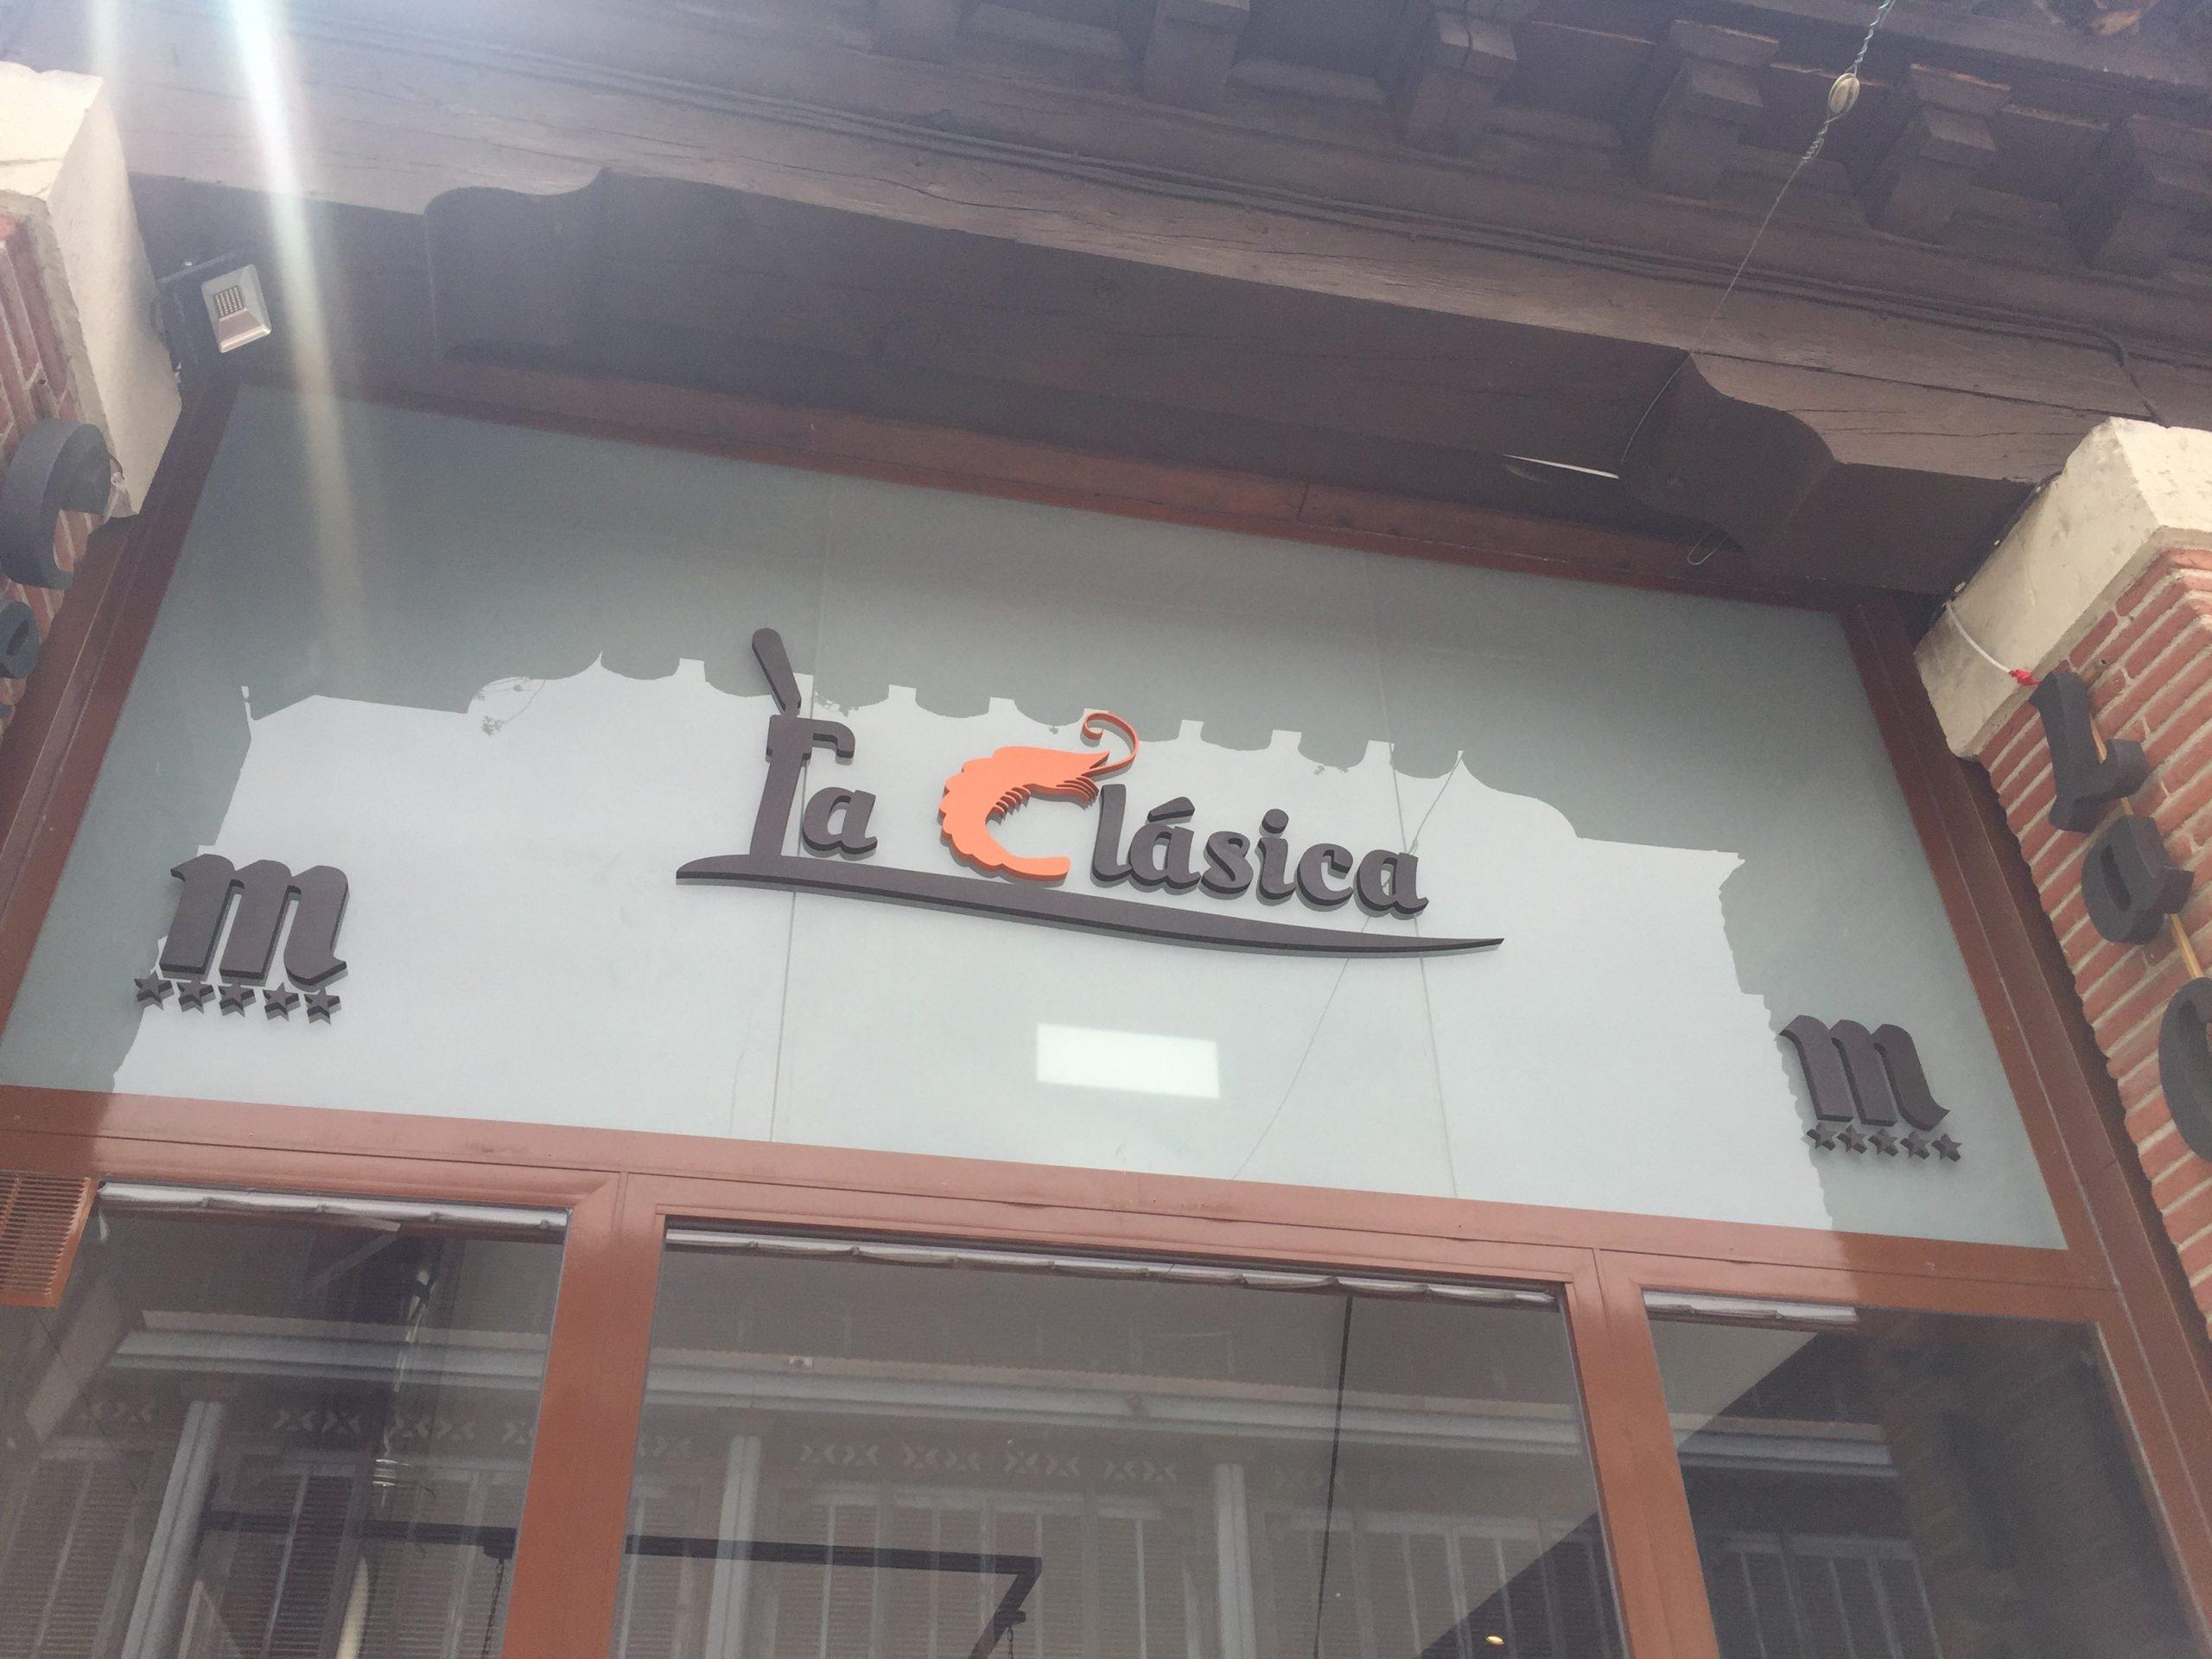 Fachada La Clásica